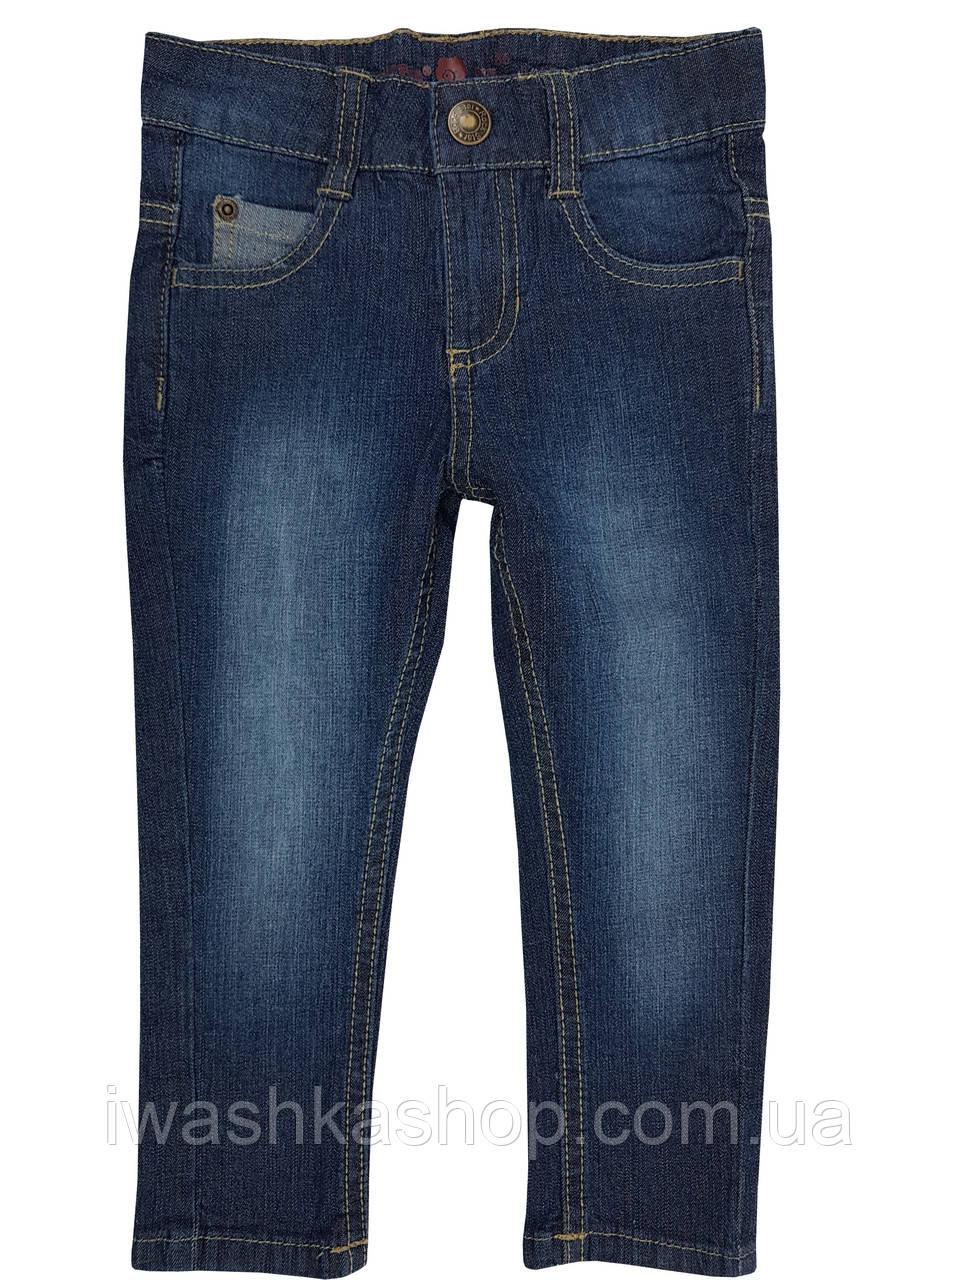 Стильные синие джинсы slim на мальчика 1 - 1,5 года, р. 86, Lupilu